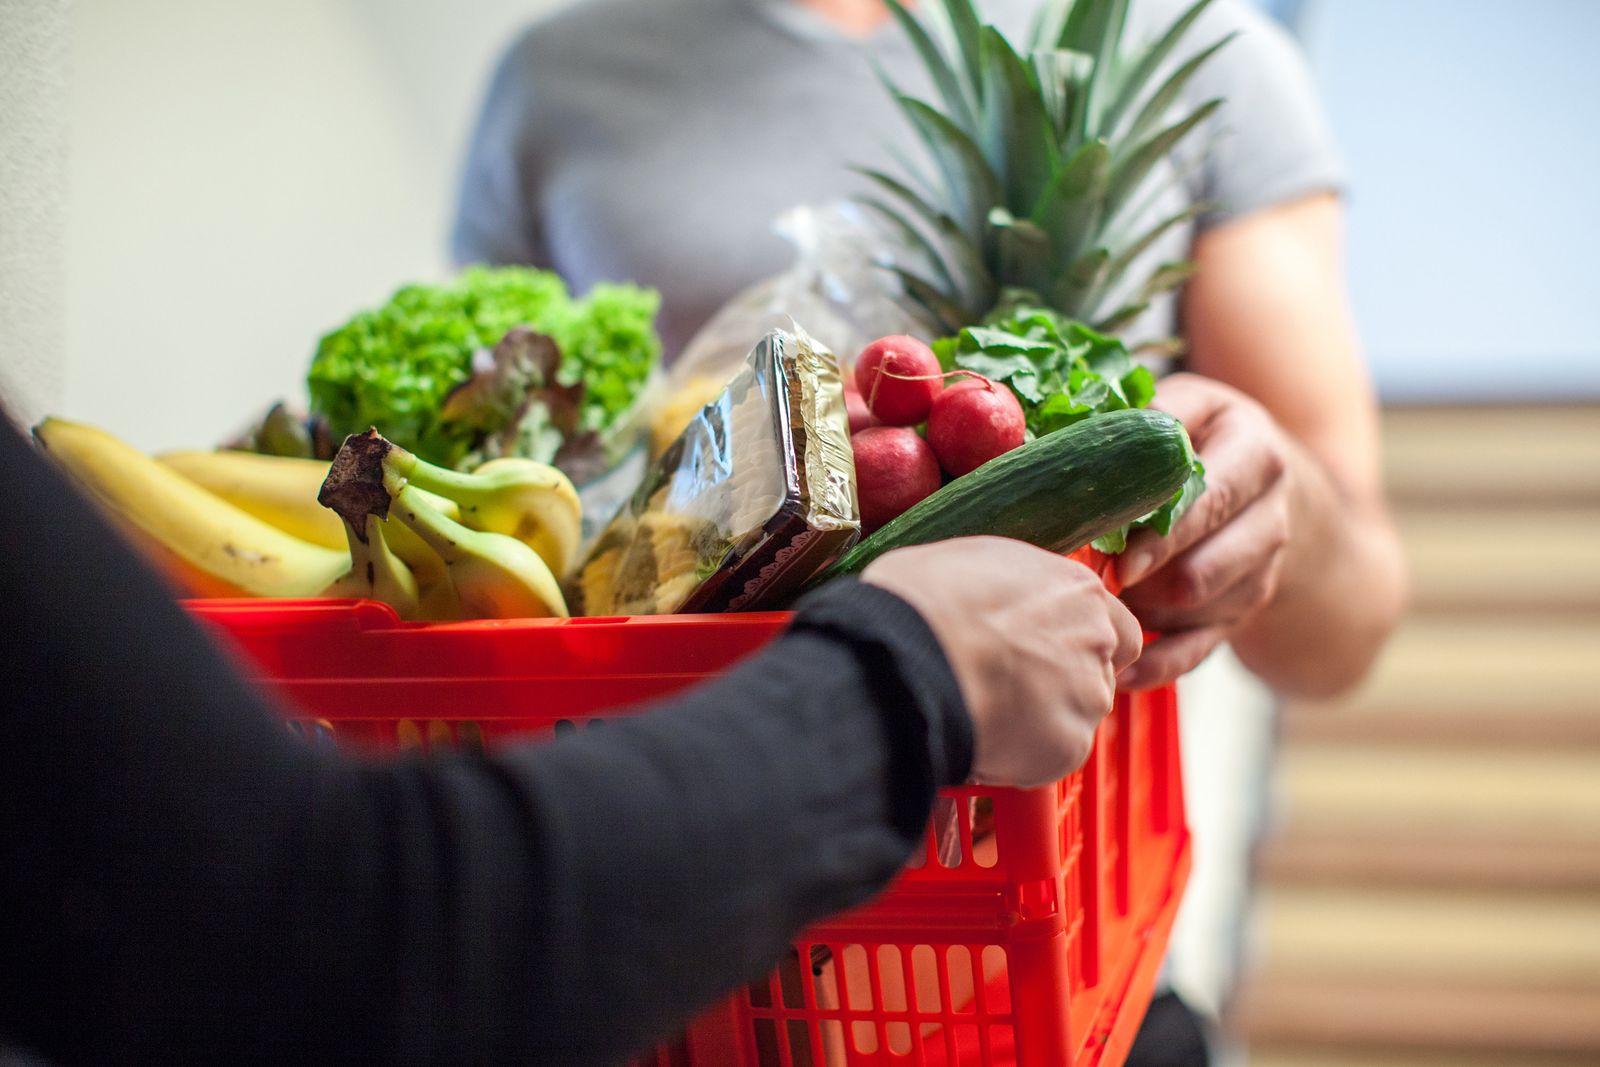 Corona-Krise: Ebay-Kleinanzeigen startet Nachbarschaftshilfe